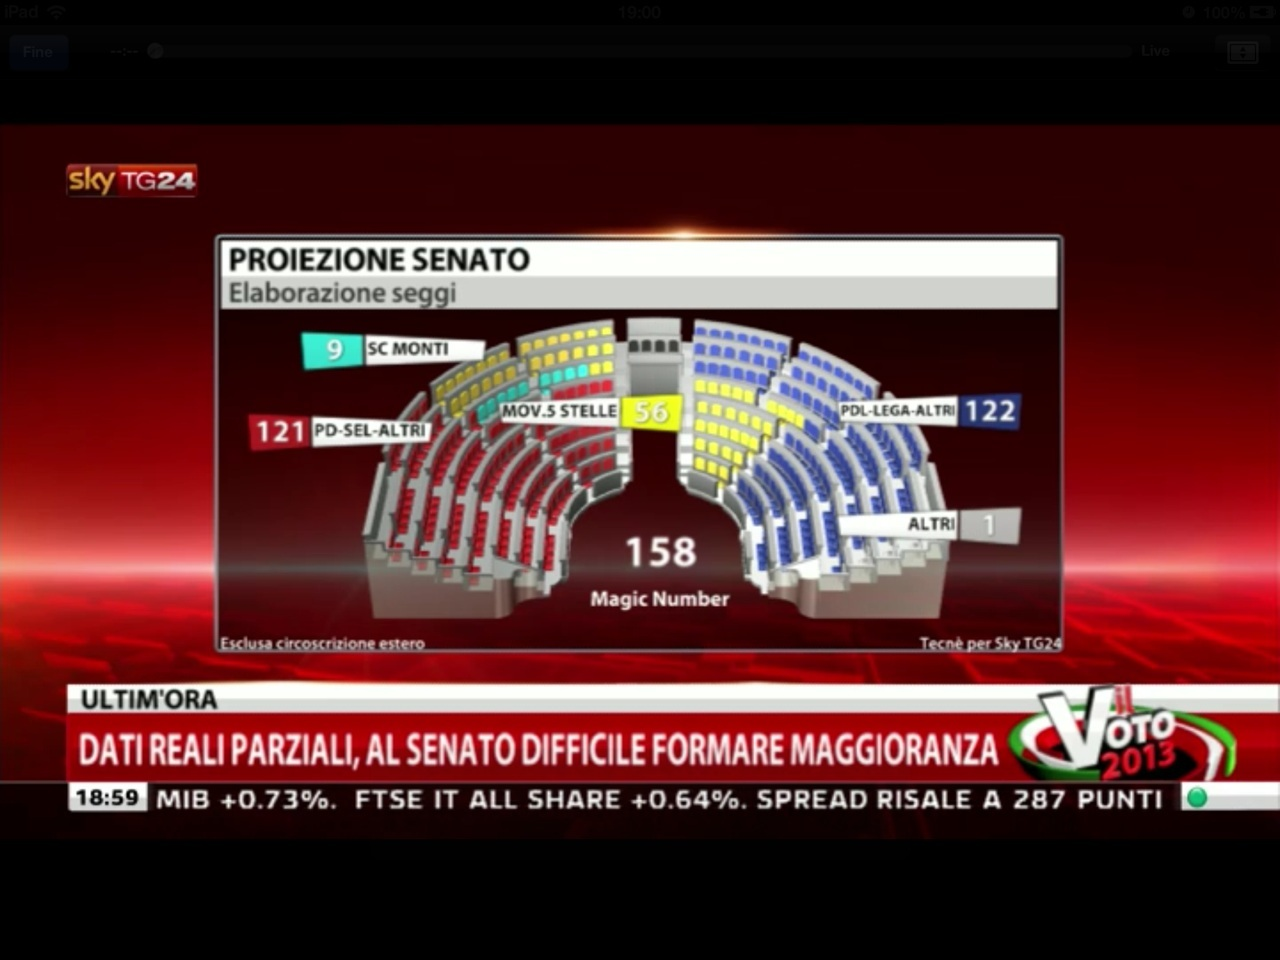 risultati elezioni 2013 proiezioni tecné